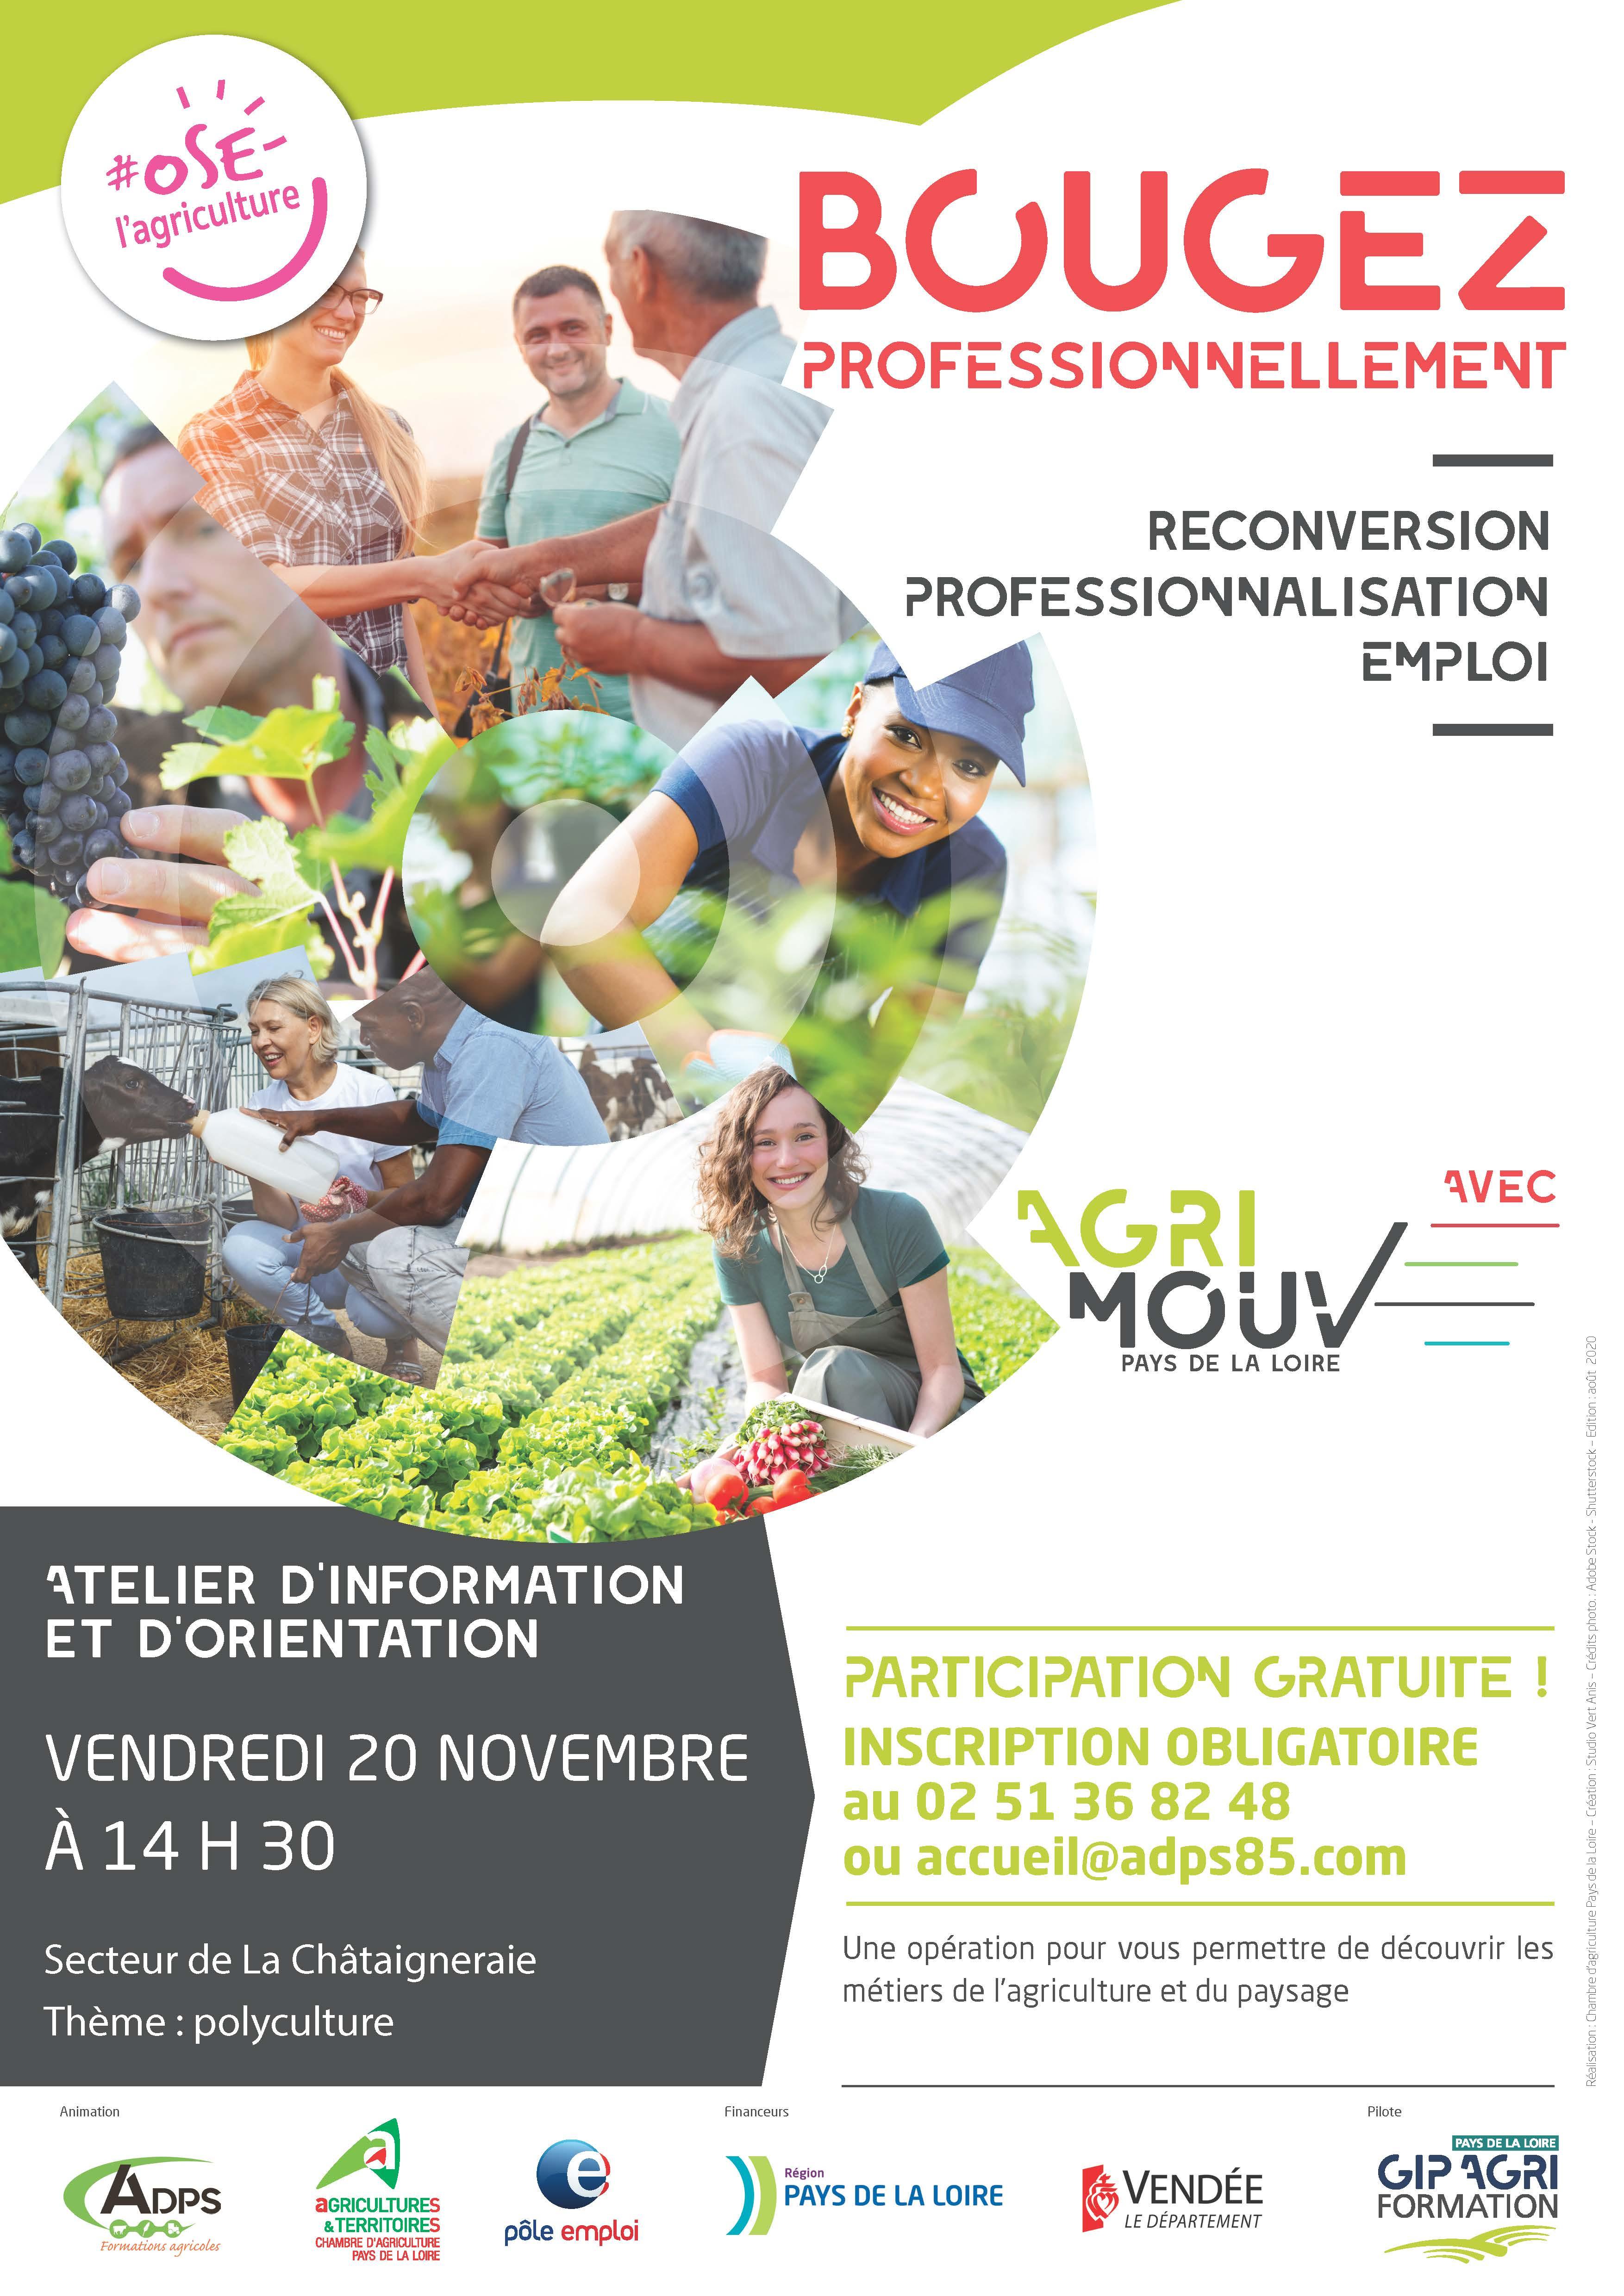 Agri'mouv - Atelier d'information